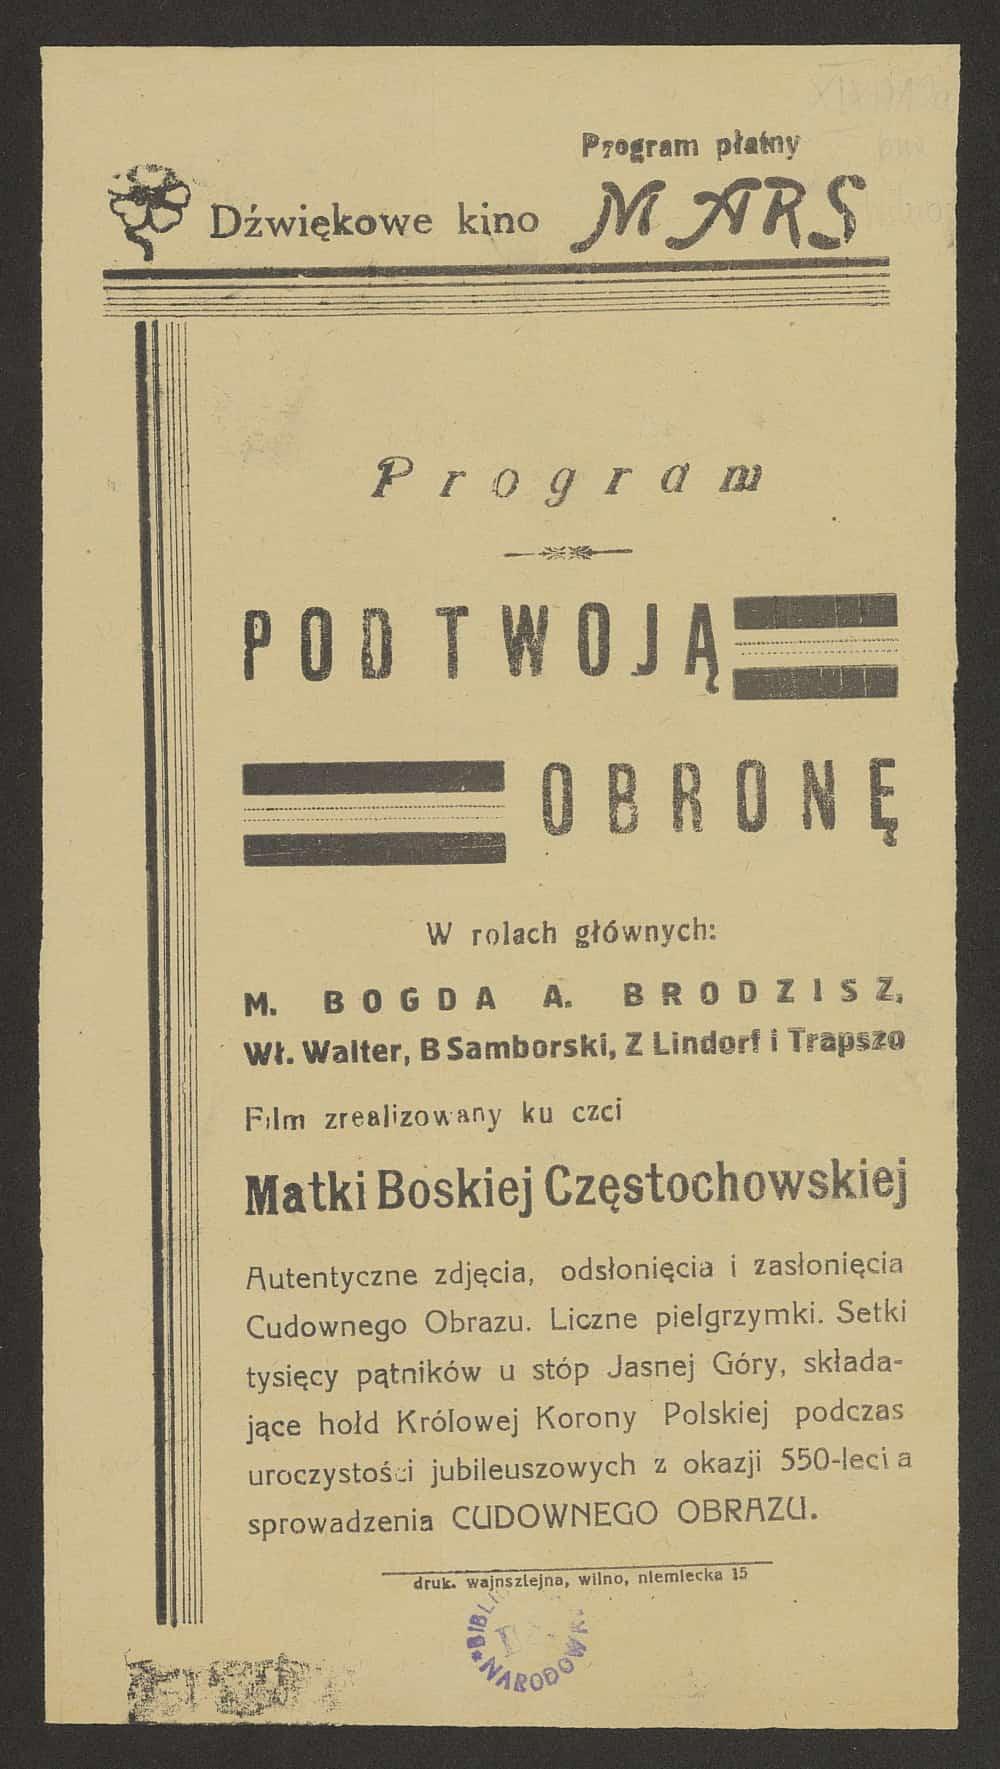 Ulotka z 1939 r. Źródło: Polona